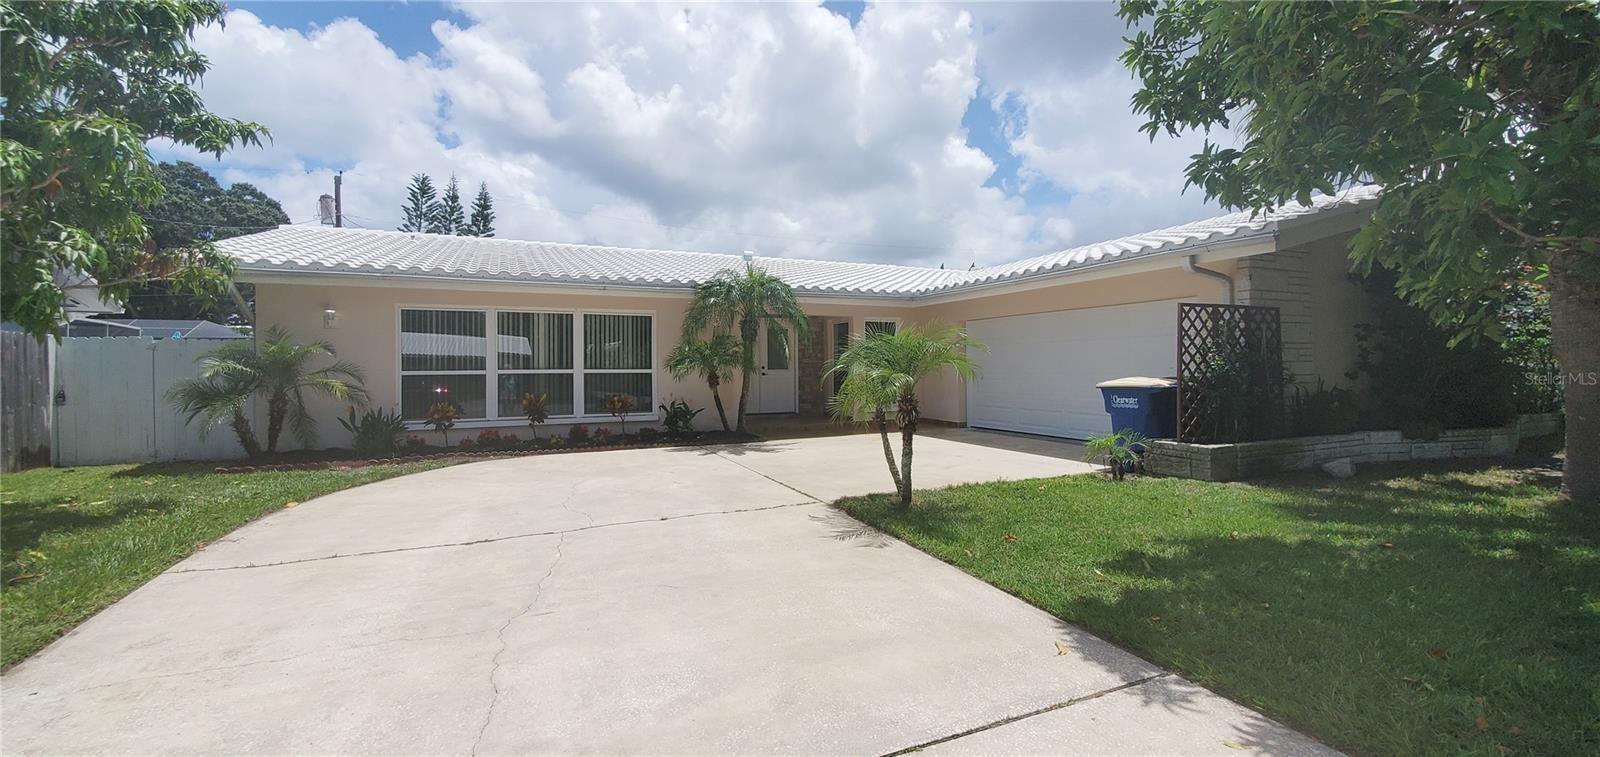 1429 S HERCULES AVENUE, Clearwater, FL 33764 - #: W7836174